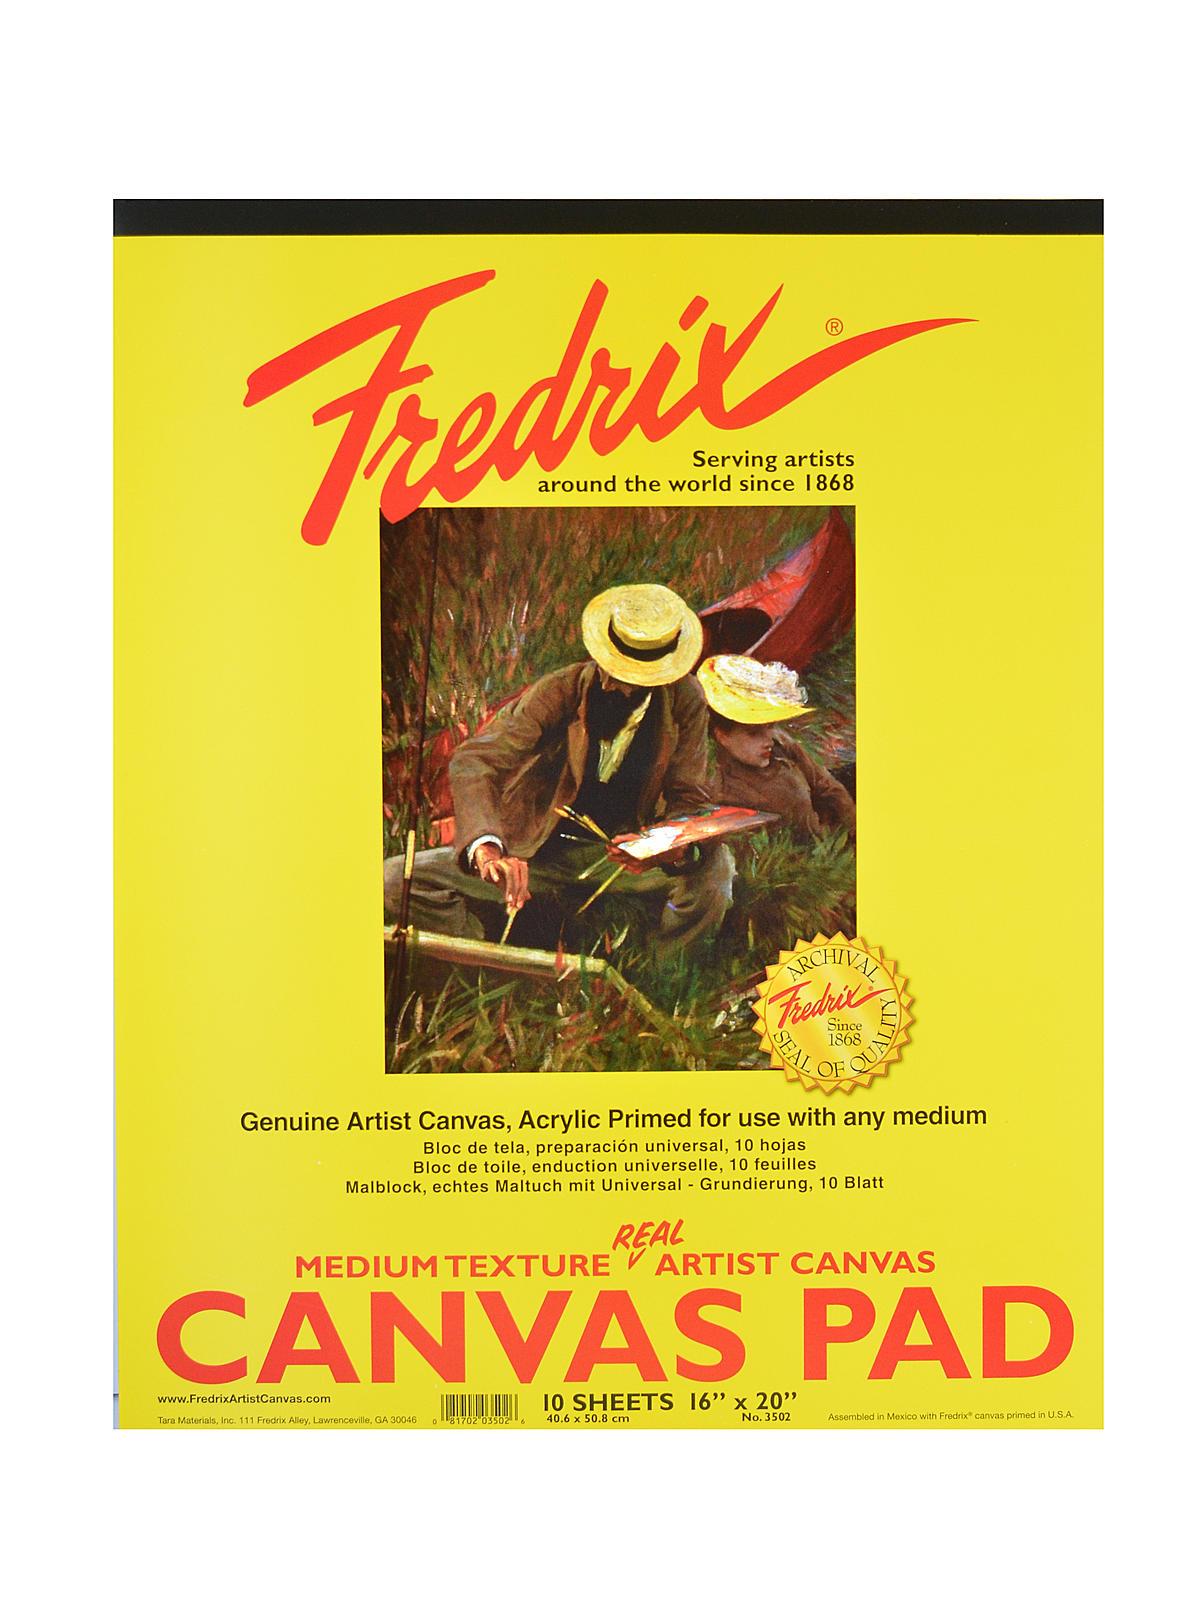 Fredrix - Canvas Pads